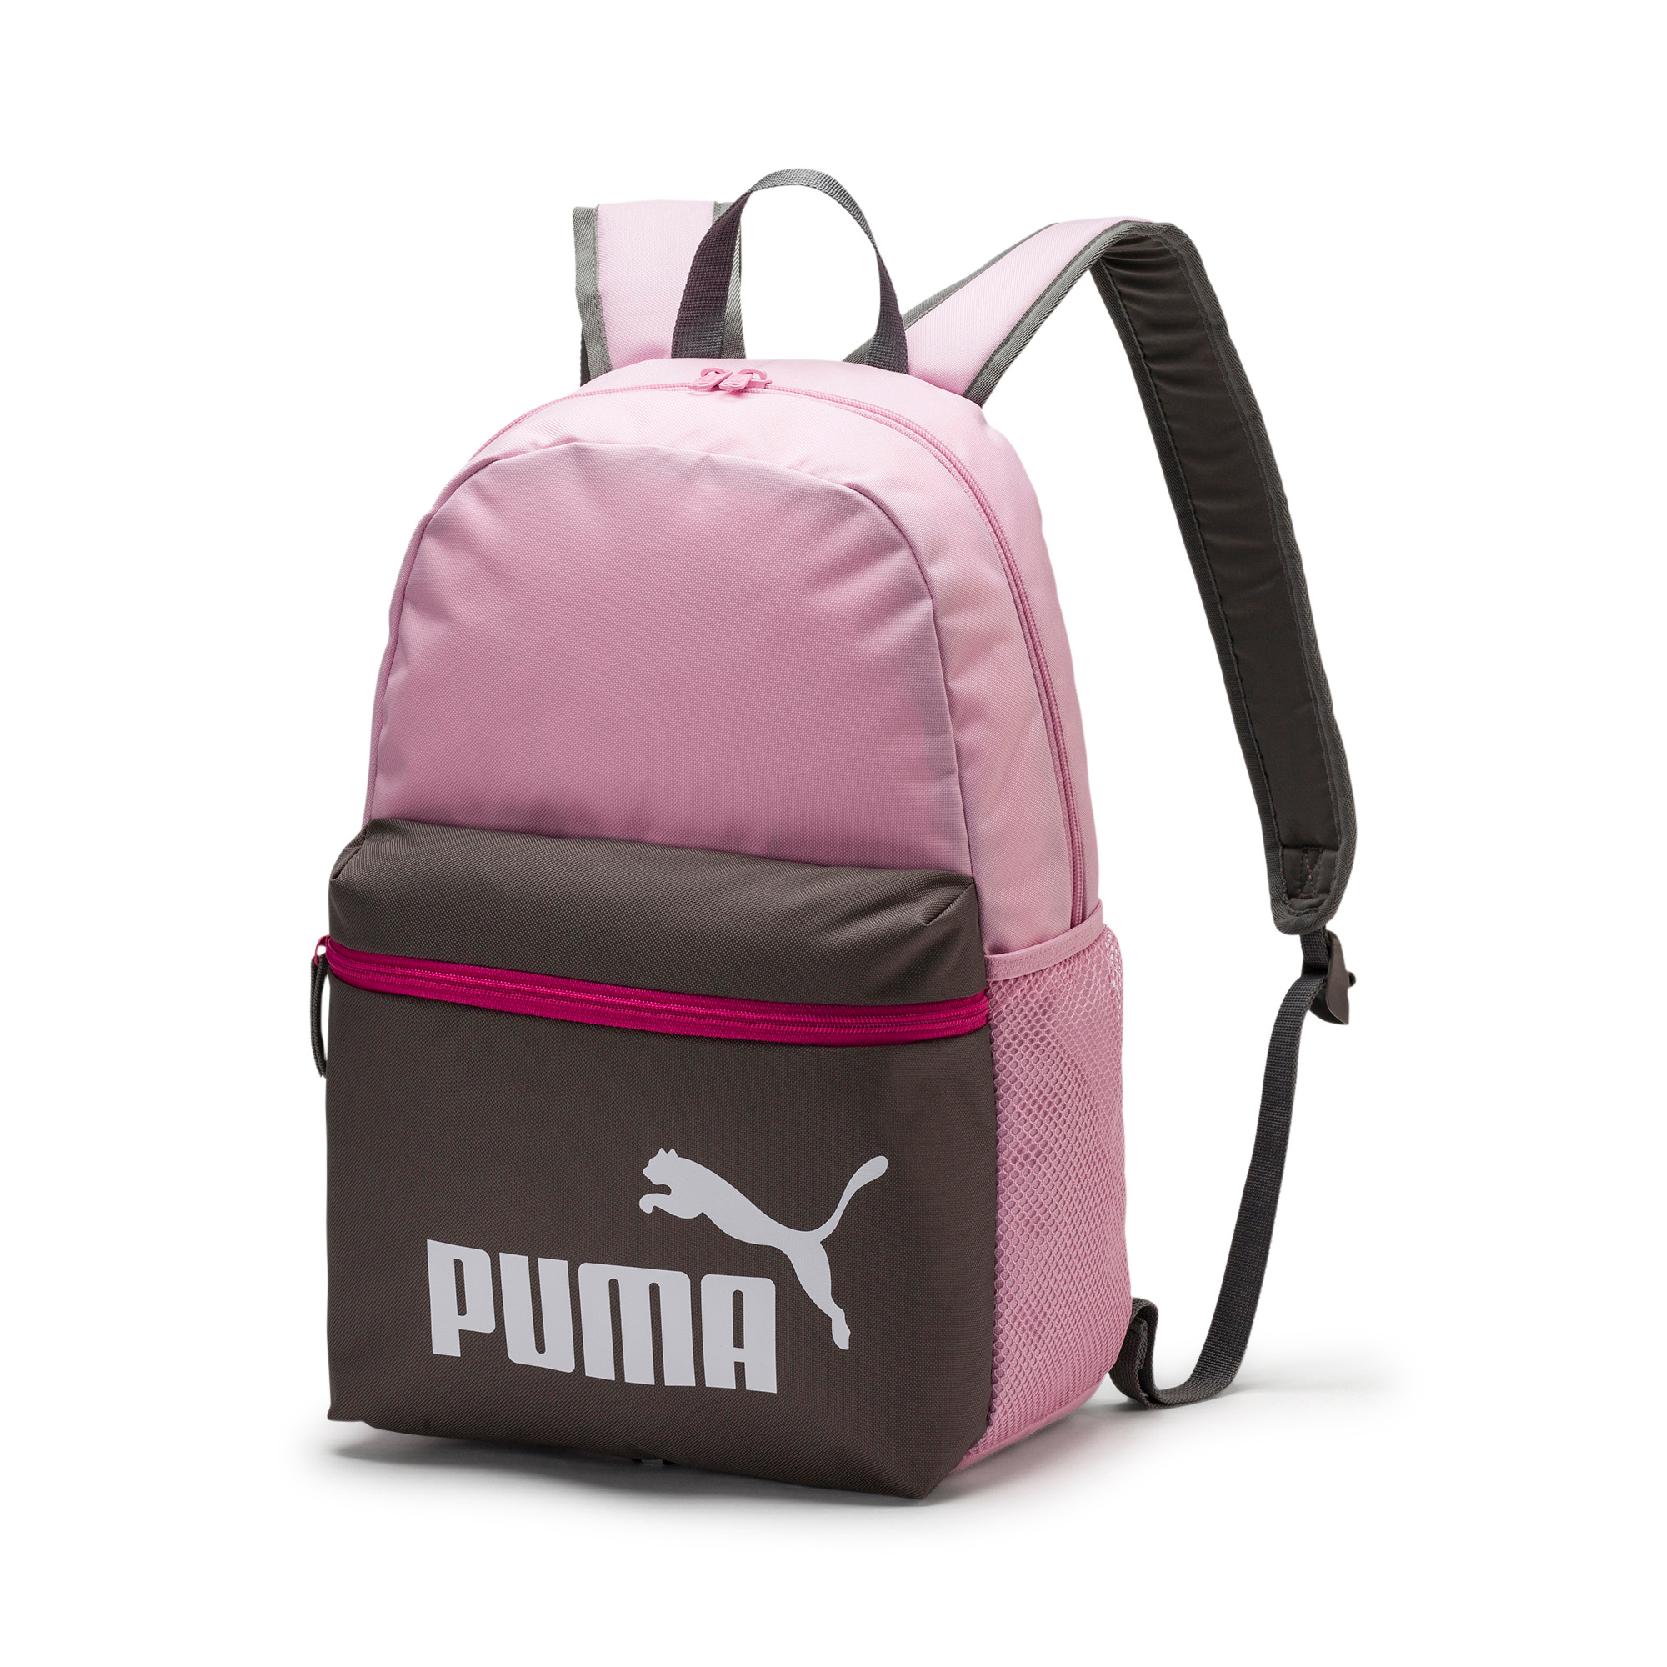 03fcabecbb ... Batoh Puma PHASE BACKPACK růžový. Nové